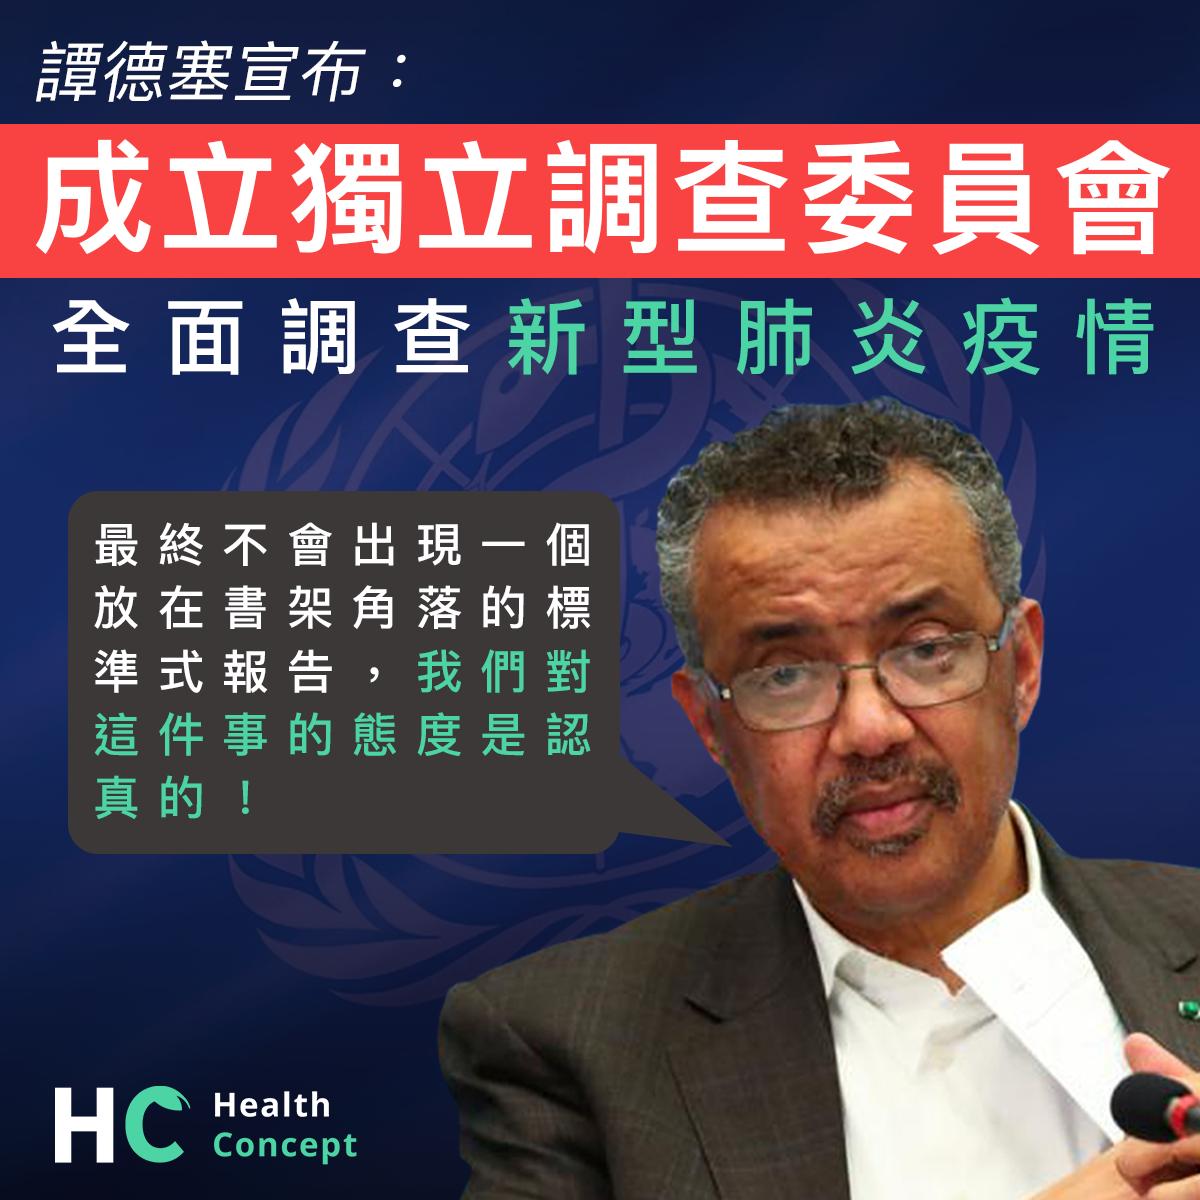 【#新型肺炎】譚德塞宣布:成立獨立調查委員會 全面調查新型肺炎疫情